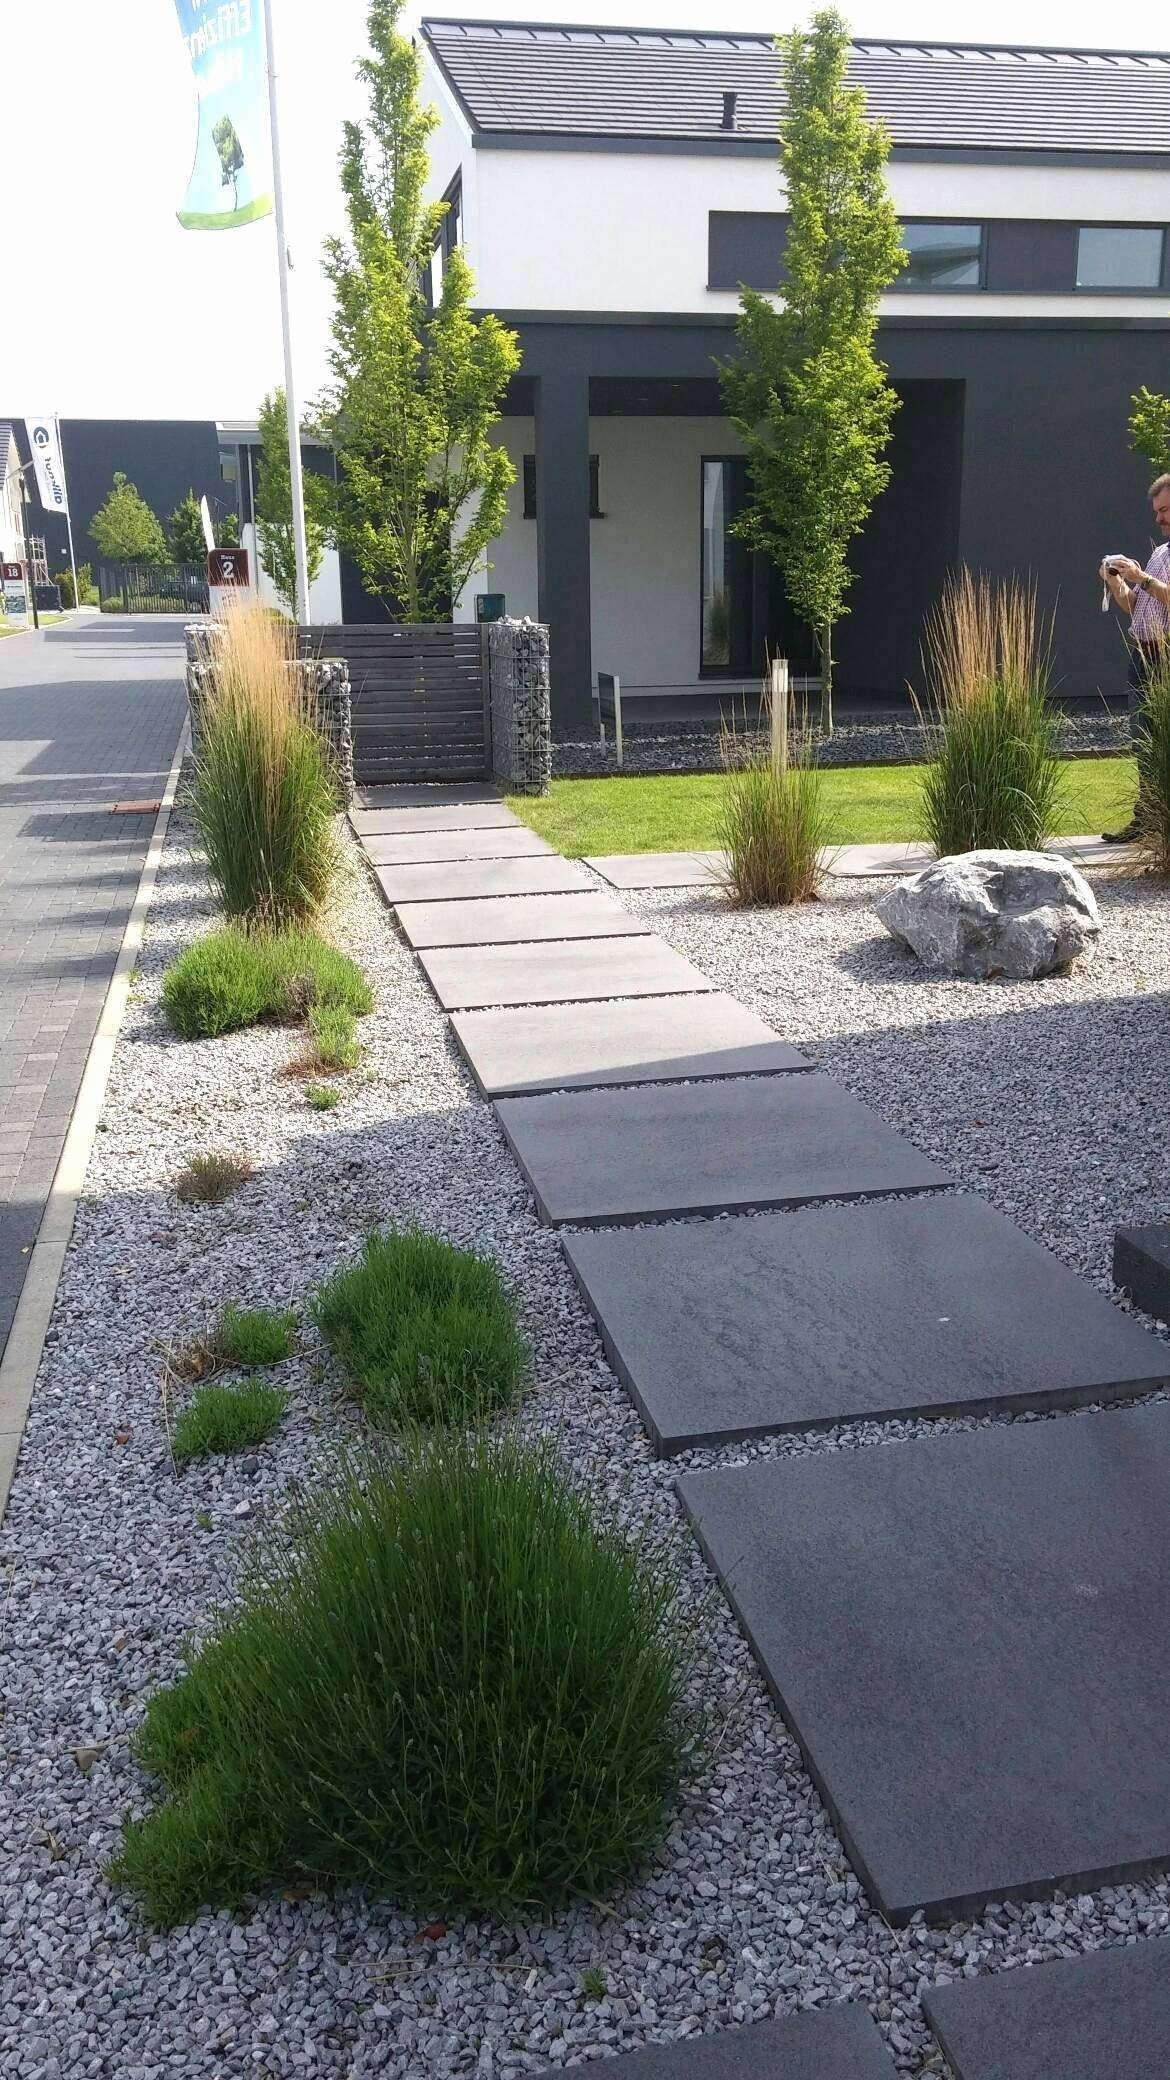 Mediterranen Garten Anlegen Genial Garten Und Landschaftsbau Luxus Garten Ideas Garten Anlegen